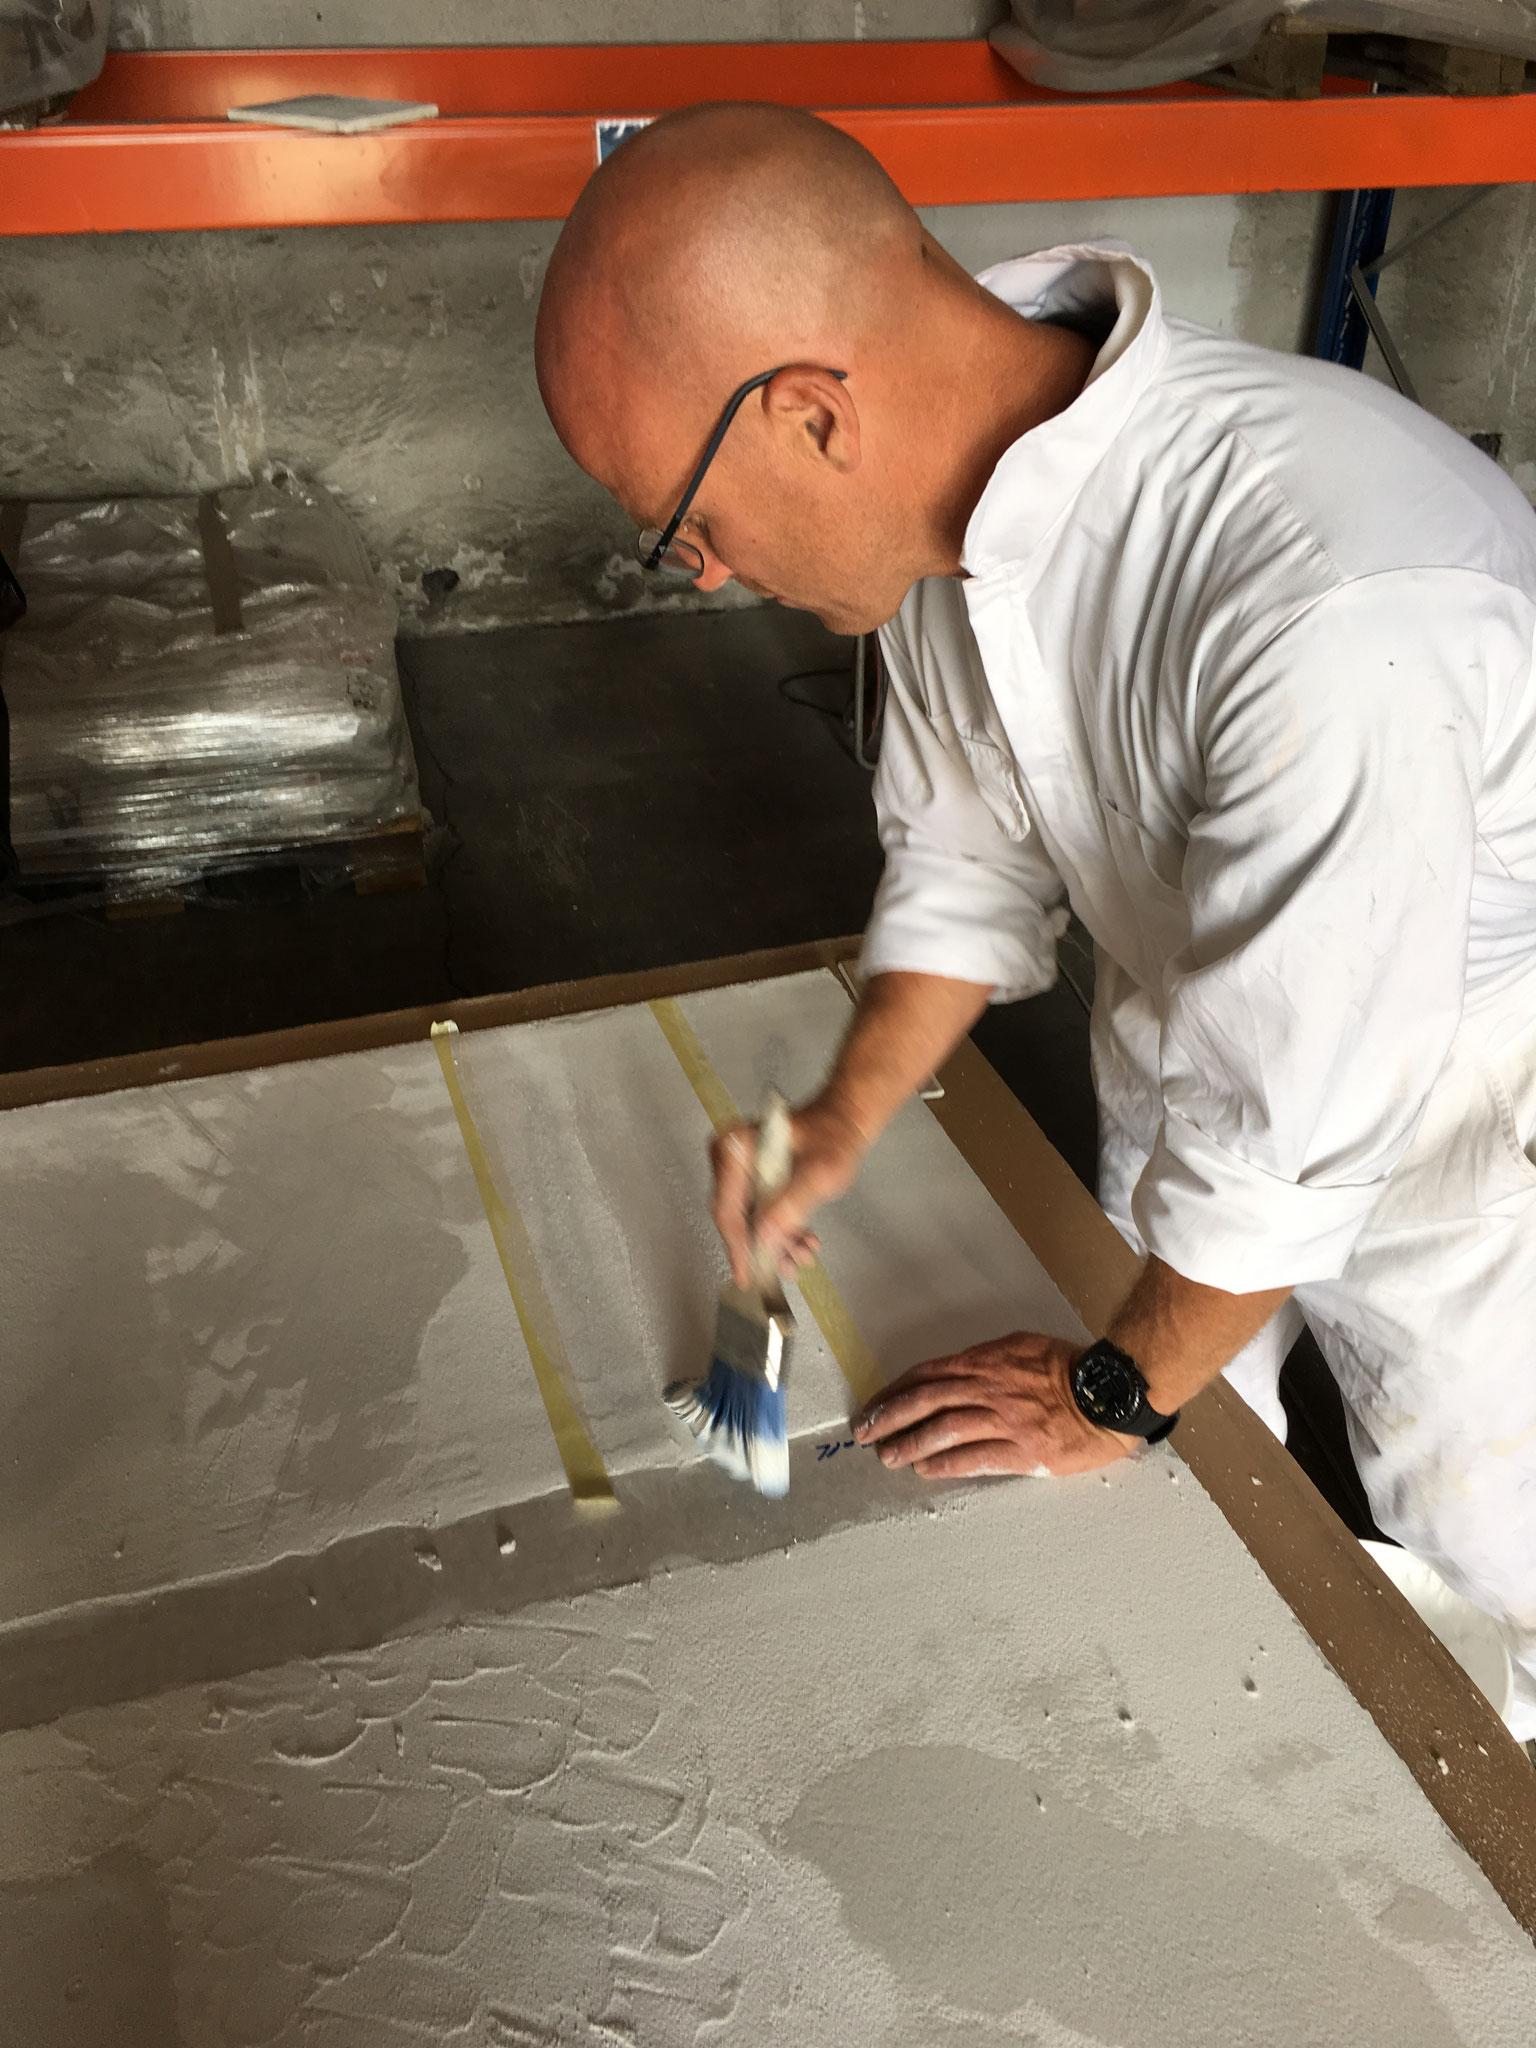 Malermeister Michael Gühl_Kundenschulung Anstrichtechnik